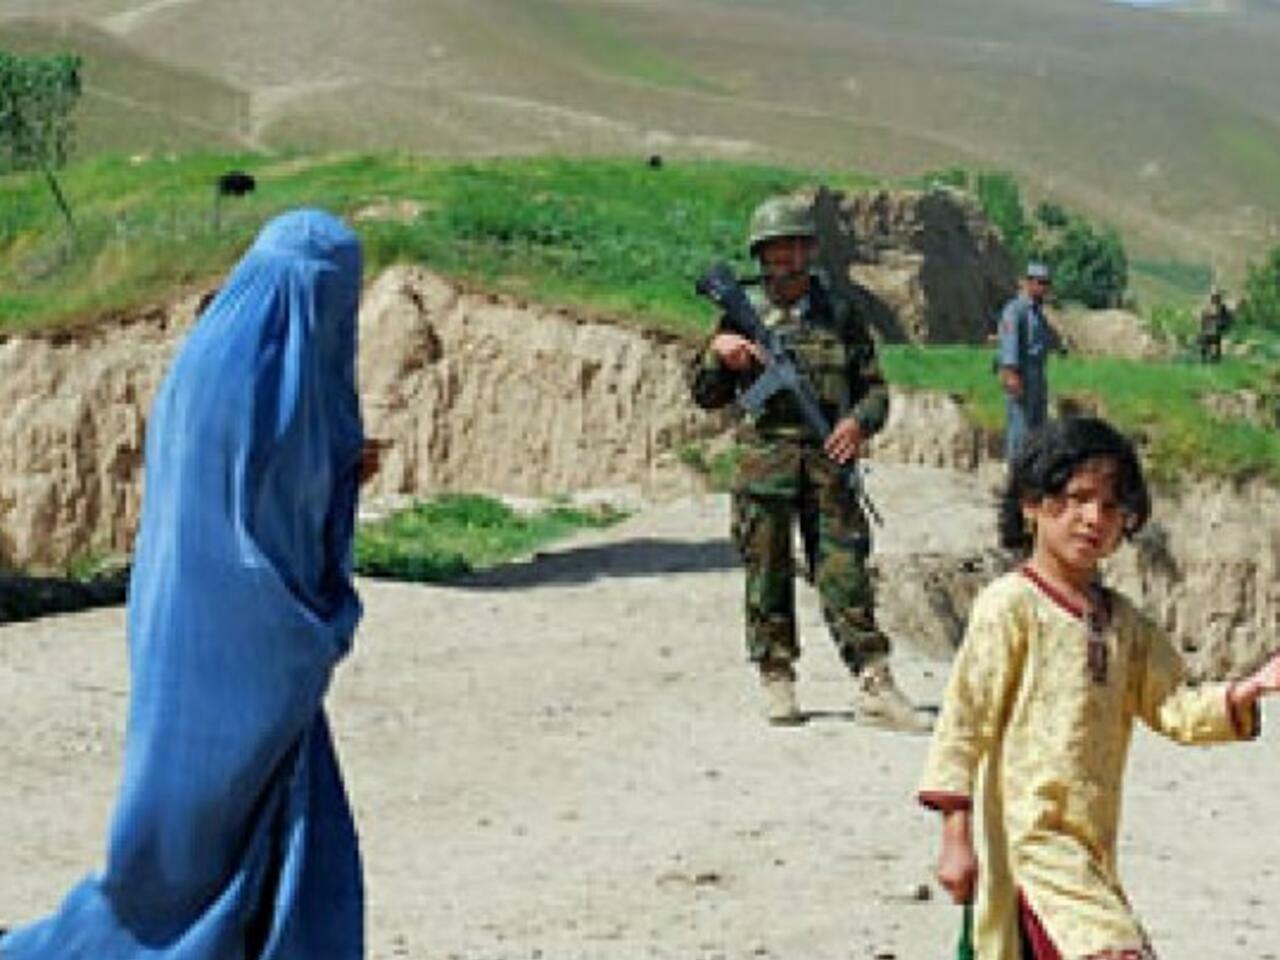 افغانستان بلاد صعبة المراس